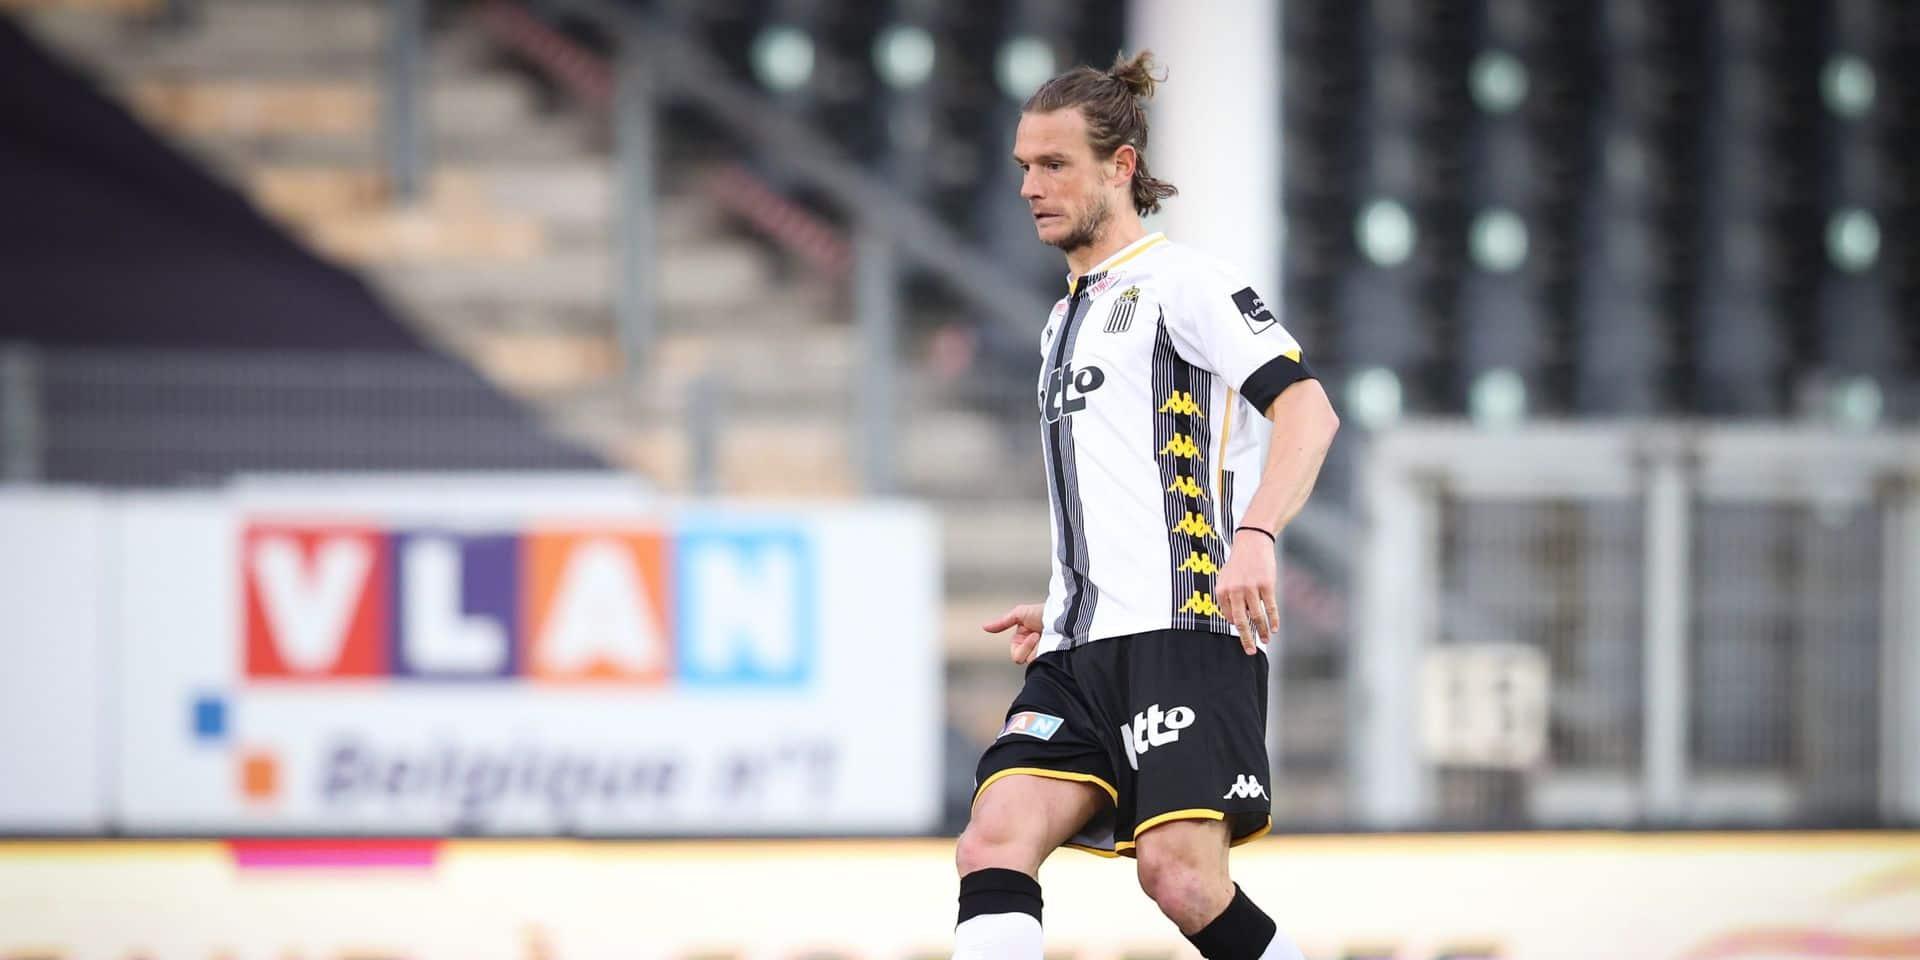 Guillaume Gillet prolonge son contrat à Charleroi